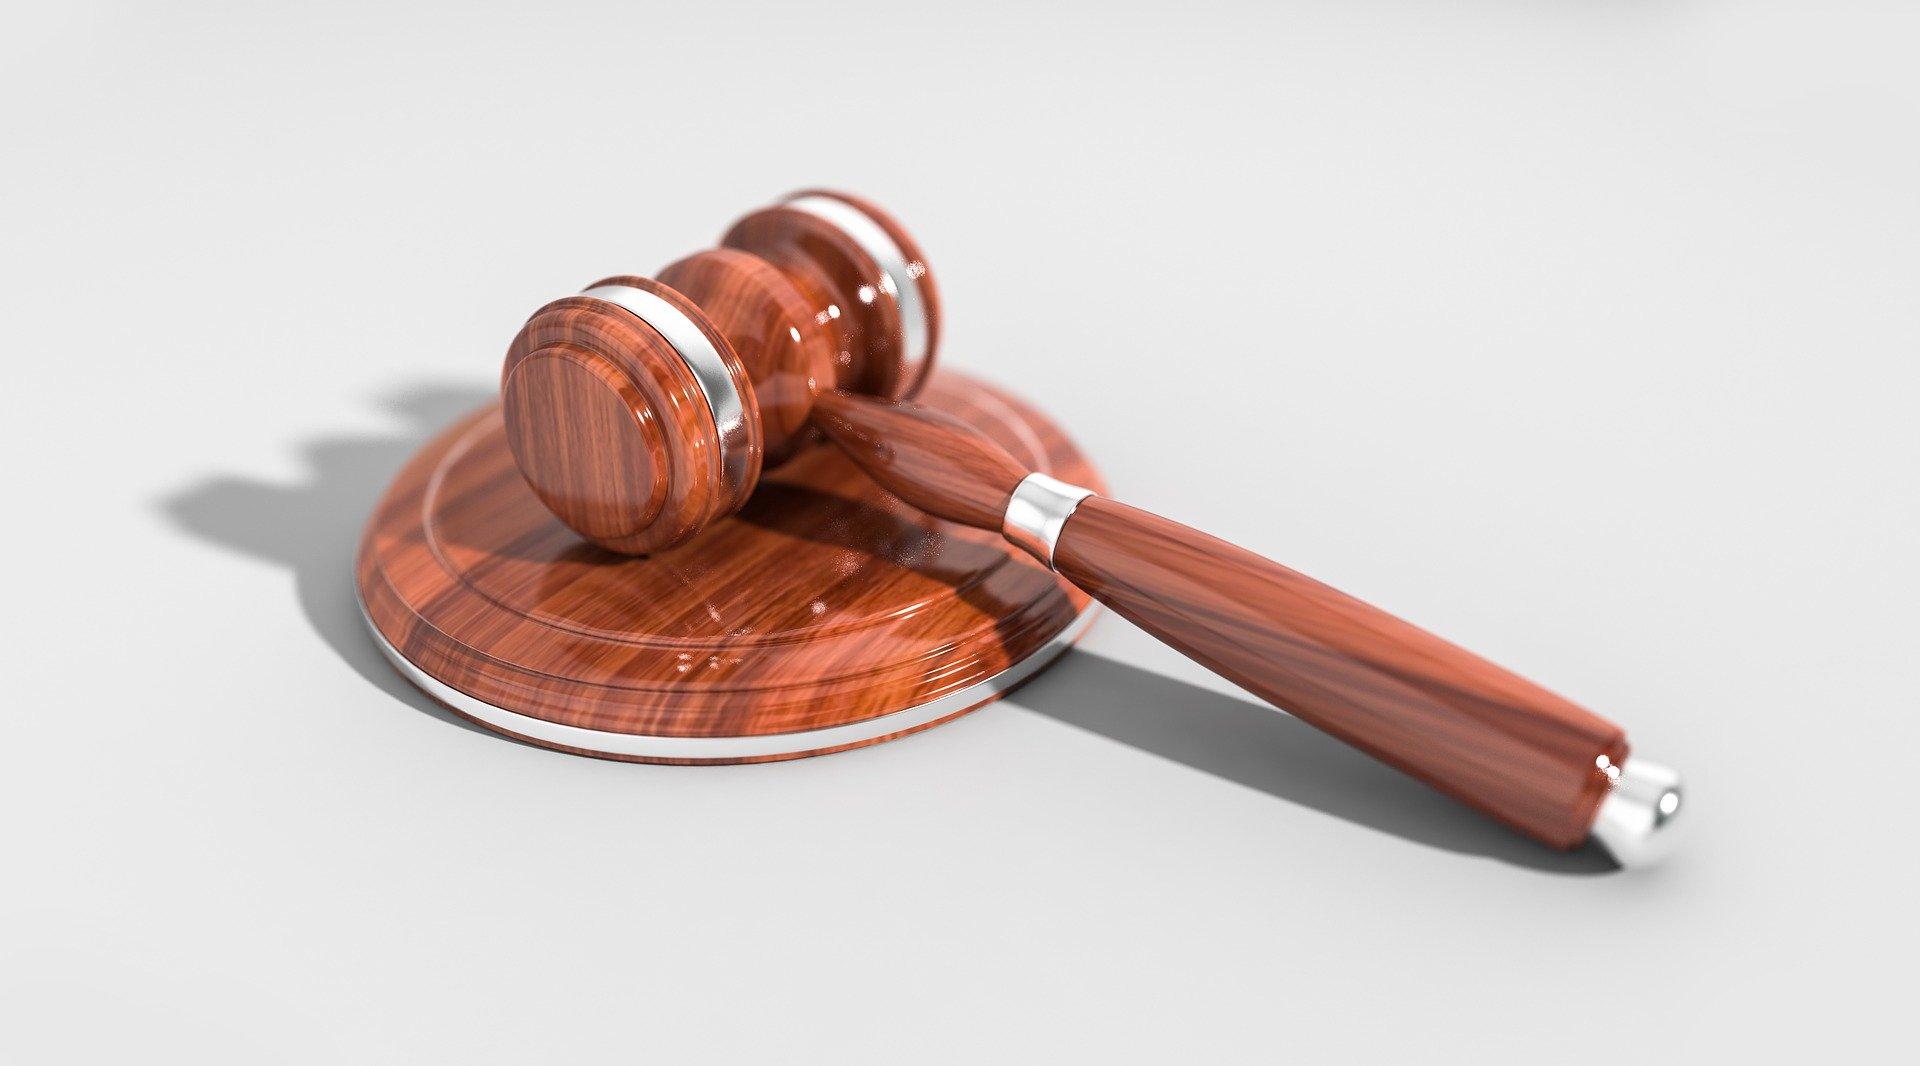 Retraites populaires les manifestants auront droit à un deuxième procès